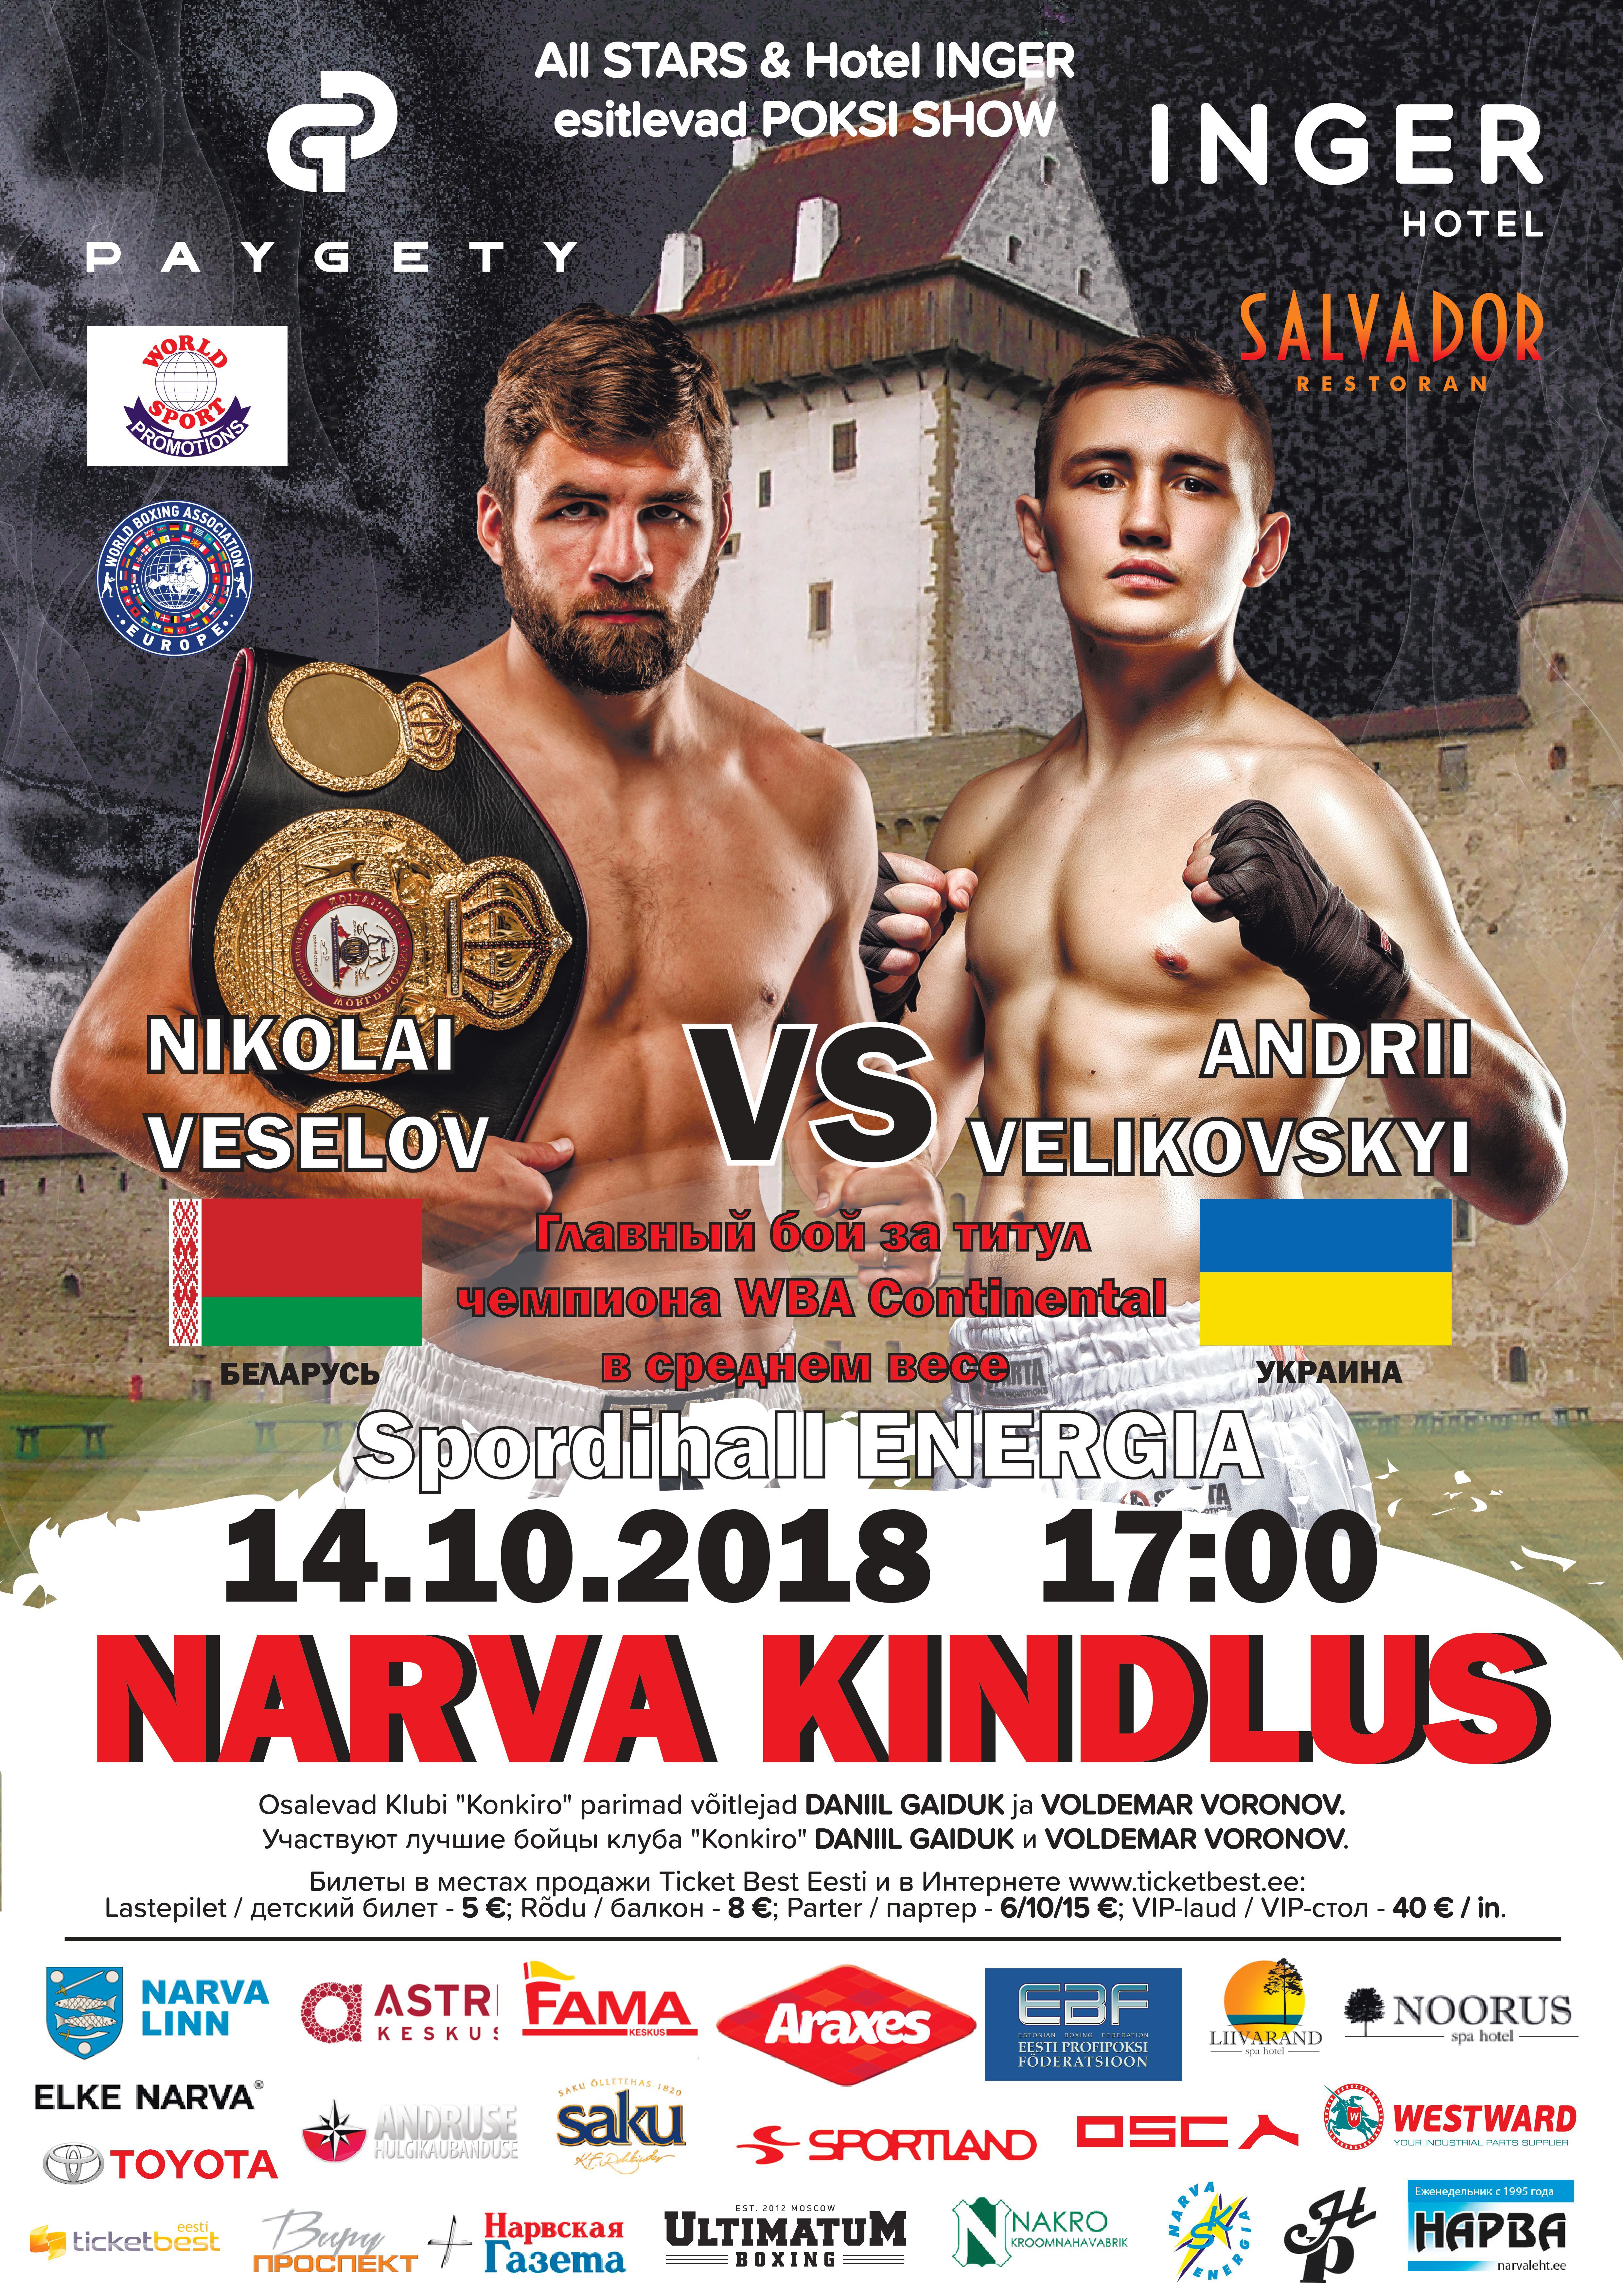 Narva Kindlus poks 14.10.2018